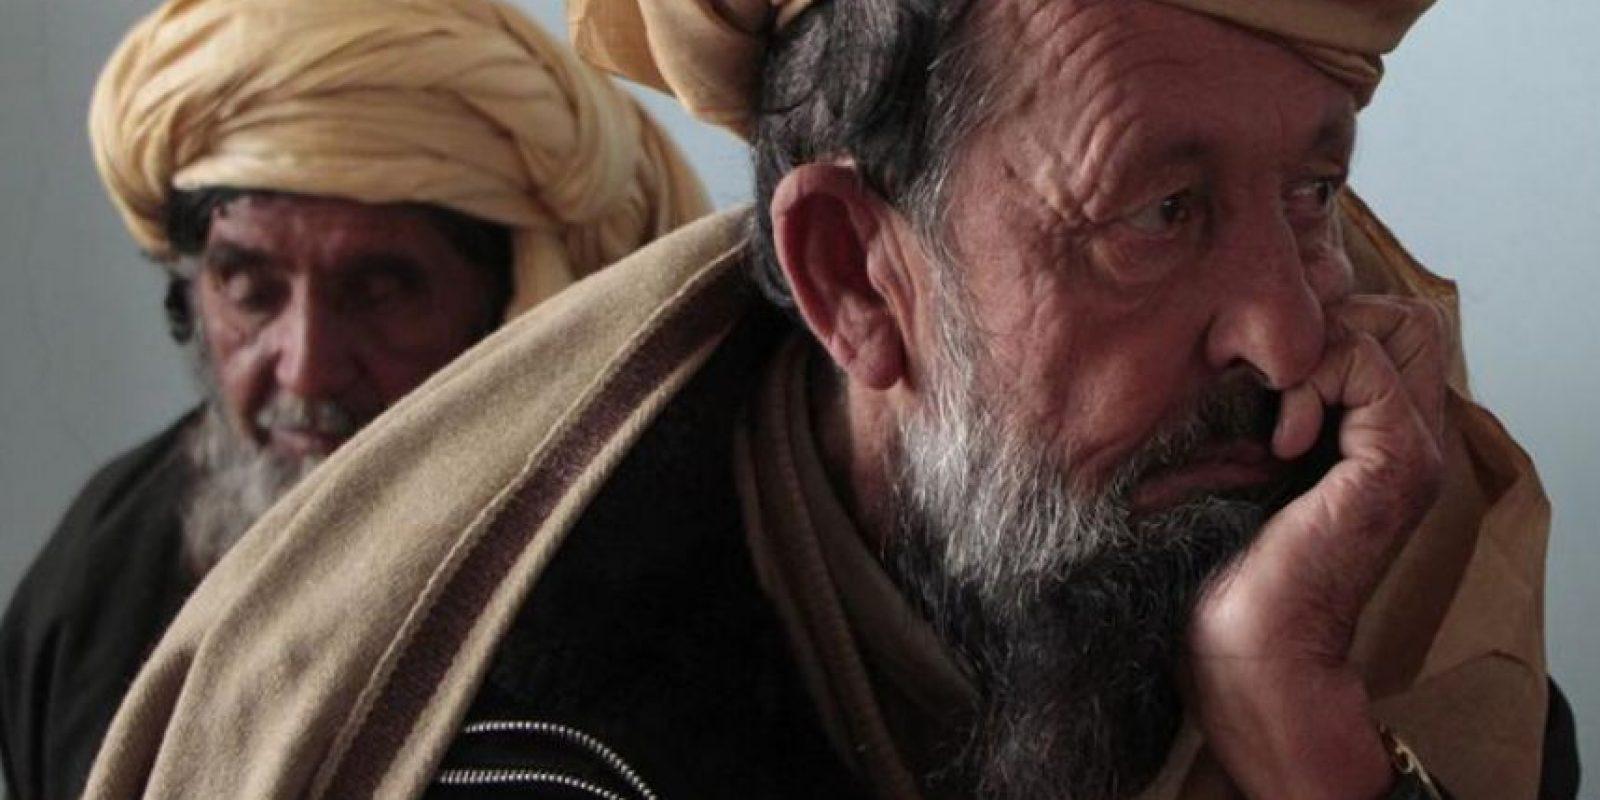 Familiares de las víctimas del atentado suicida de ayer escuchan un discurso del jefe ejecutivo del gobierno afgano, Abdulá Abdulá, en Paktika, Afganistán. EFE